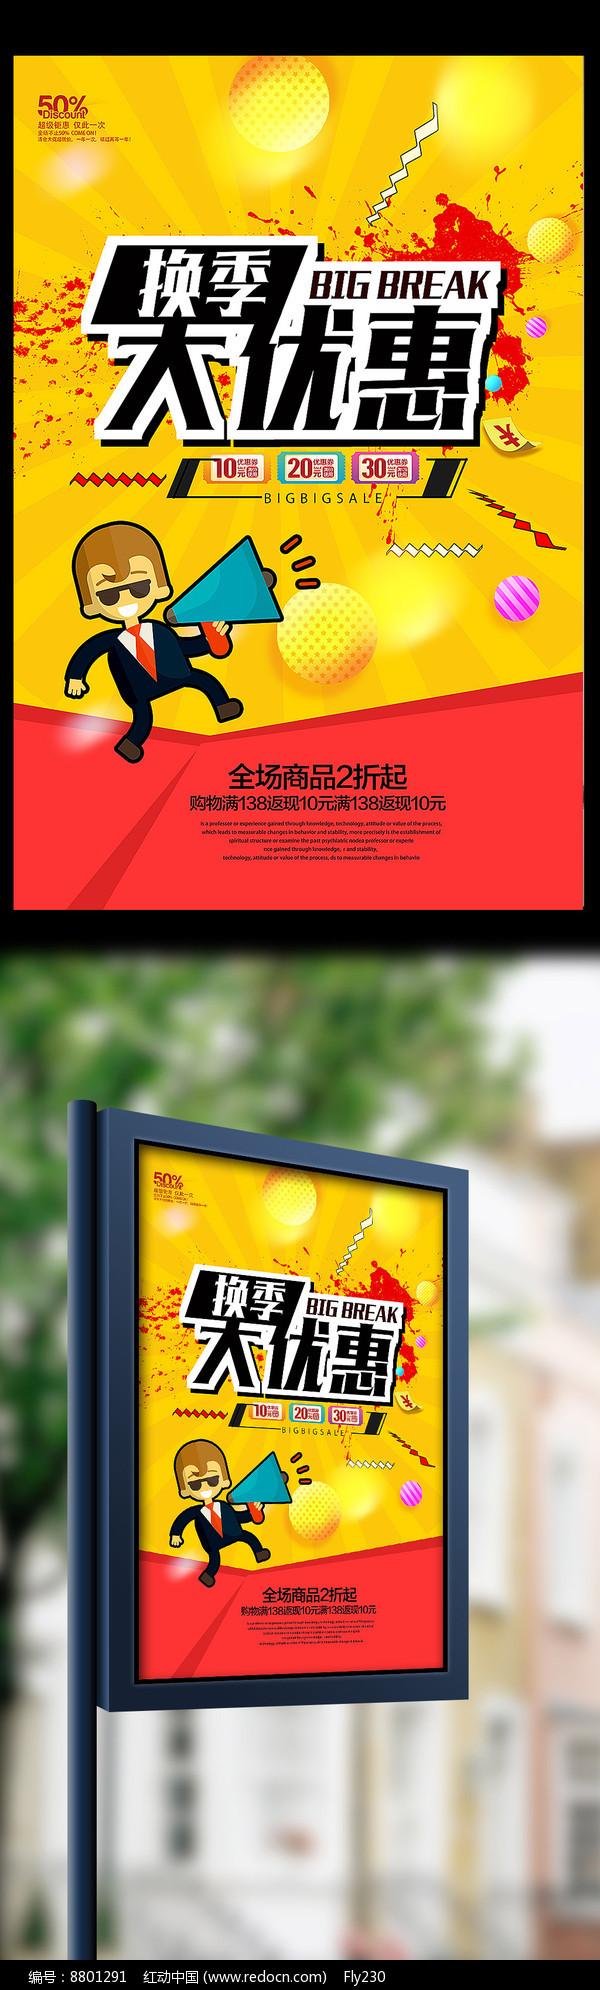 换季大优惠商场宣传促销海报图片